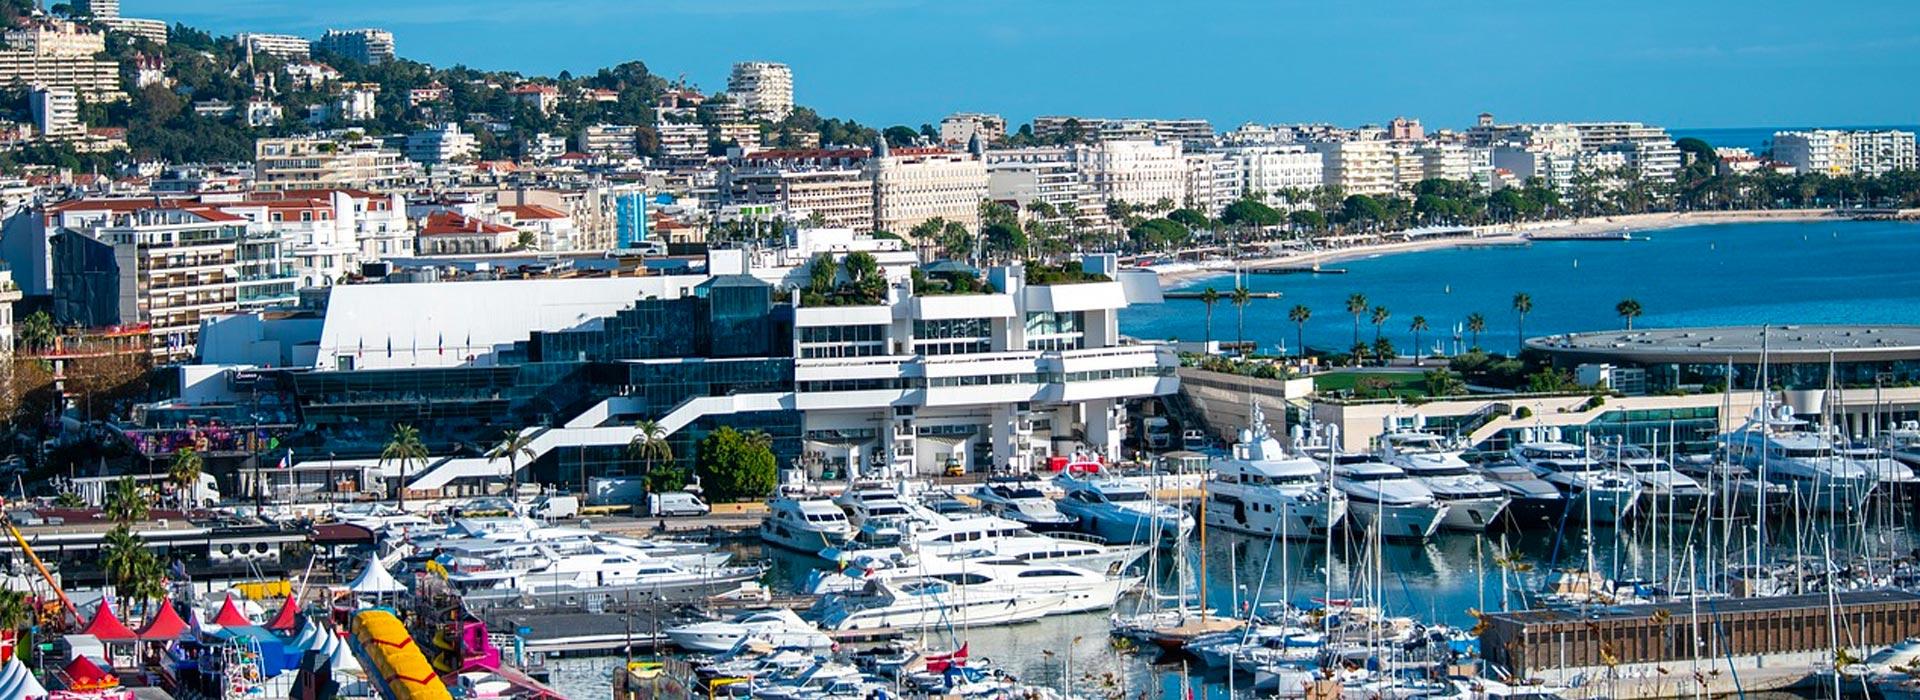 Chauffeur Cannes Lions bg |